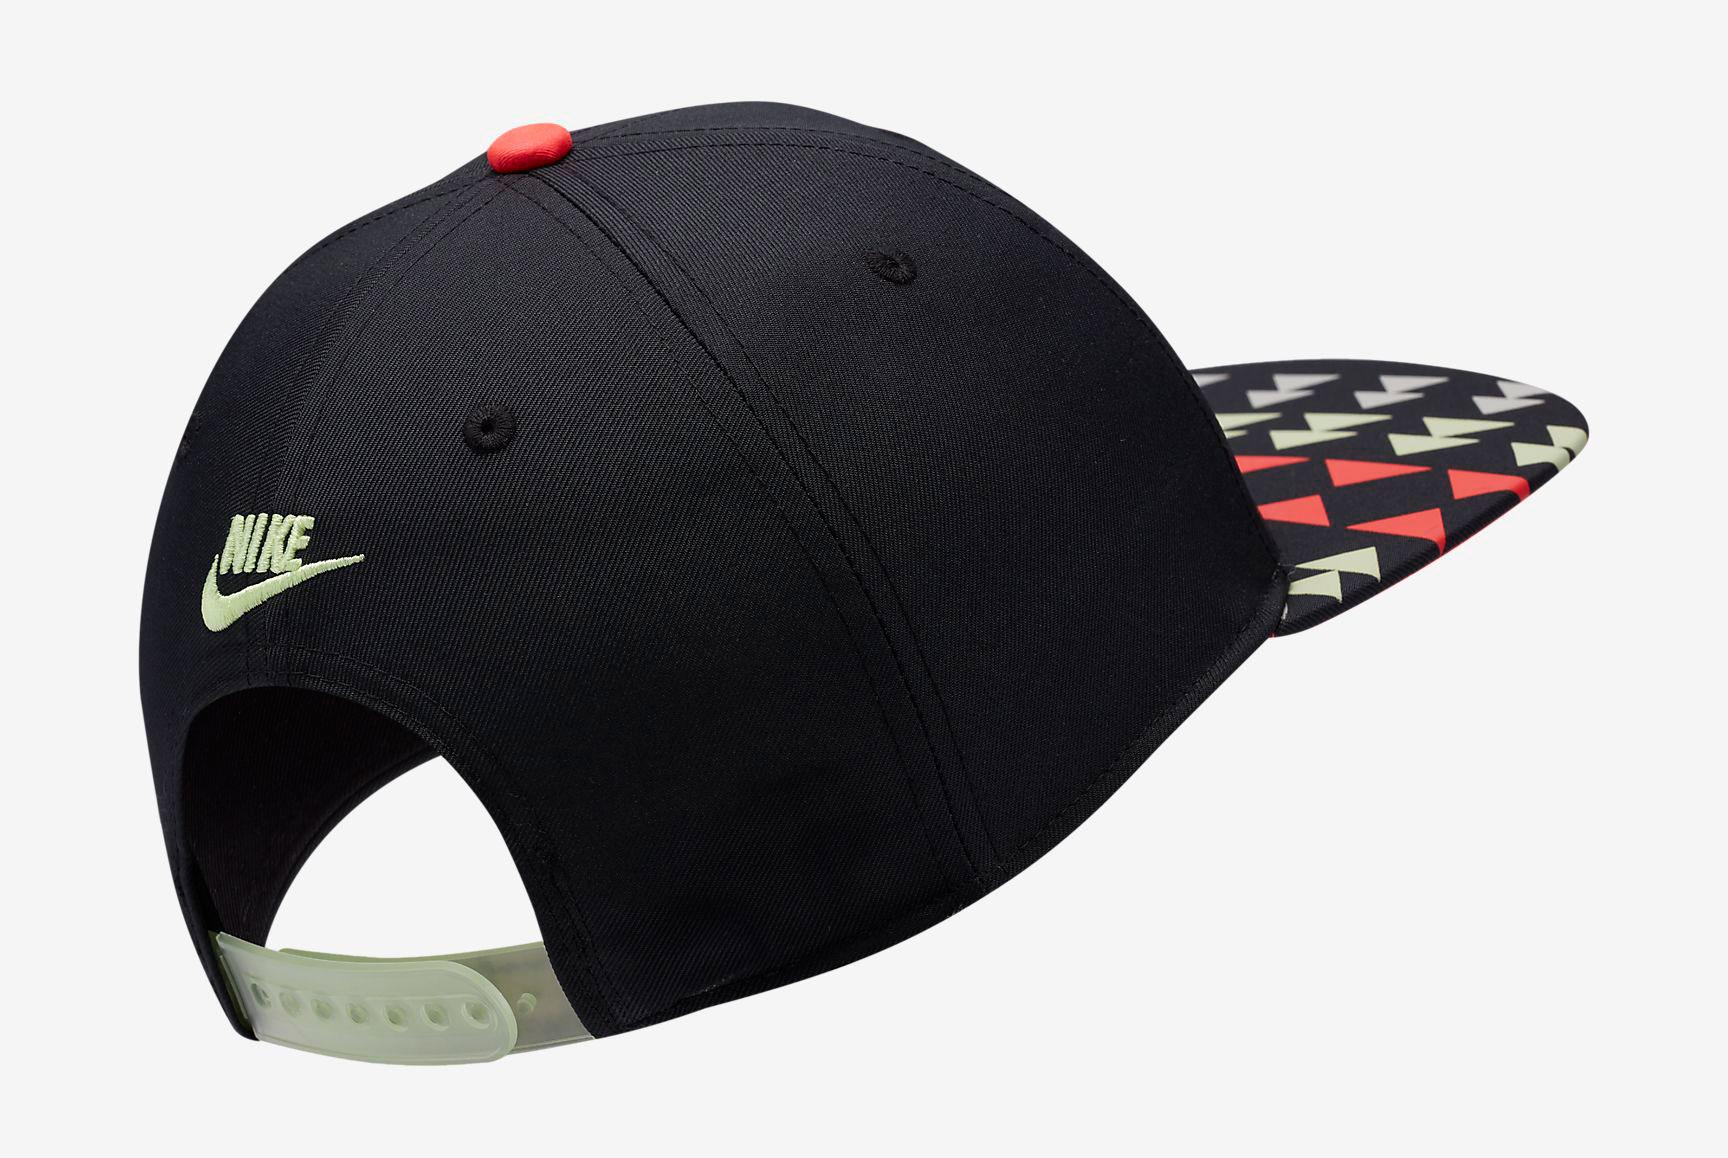 nike-n7-hat-summer-2020-2